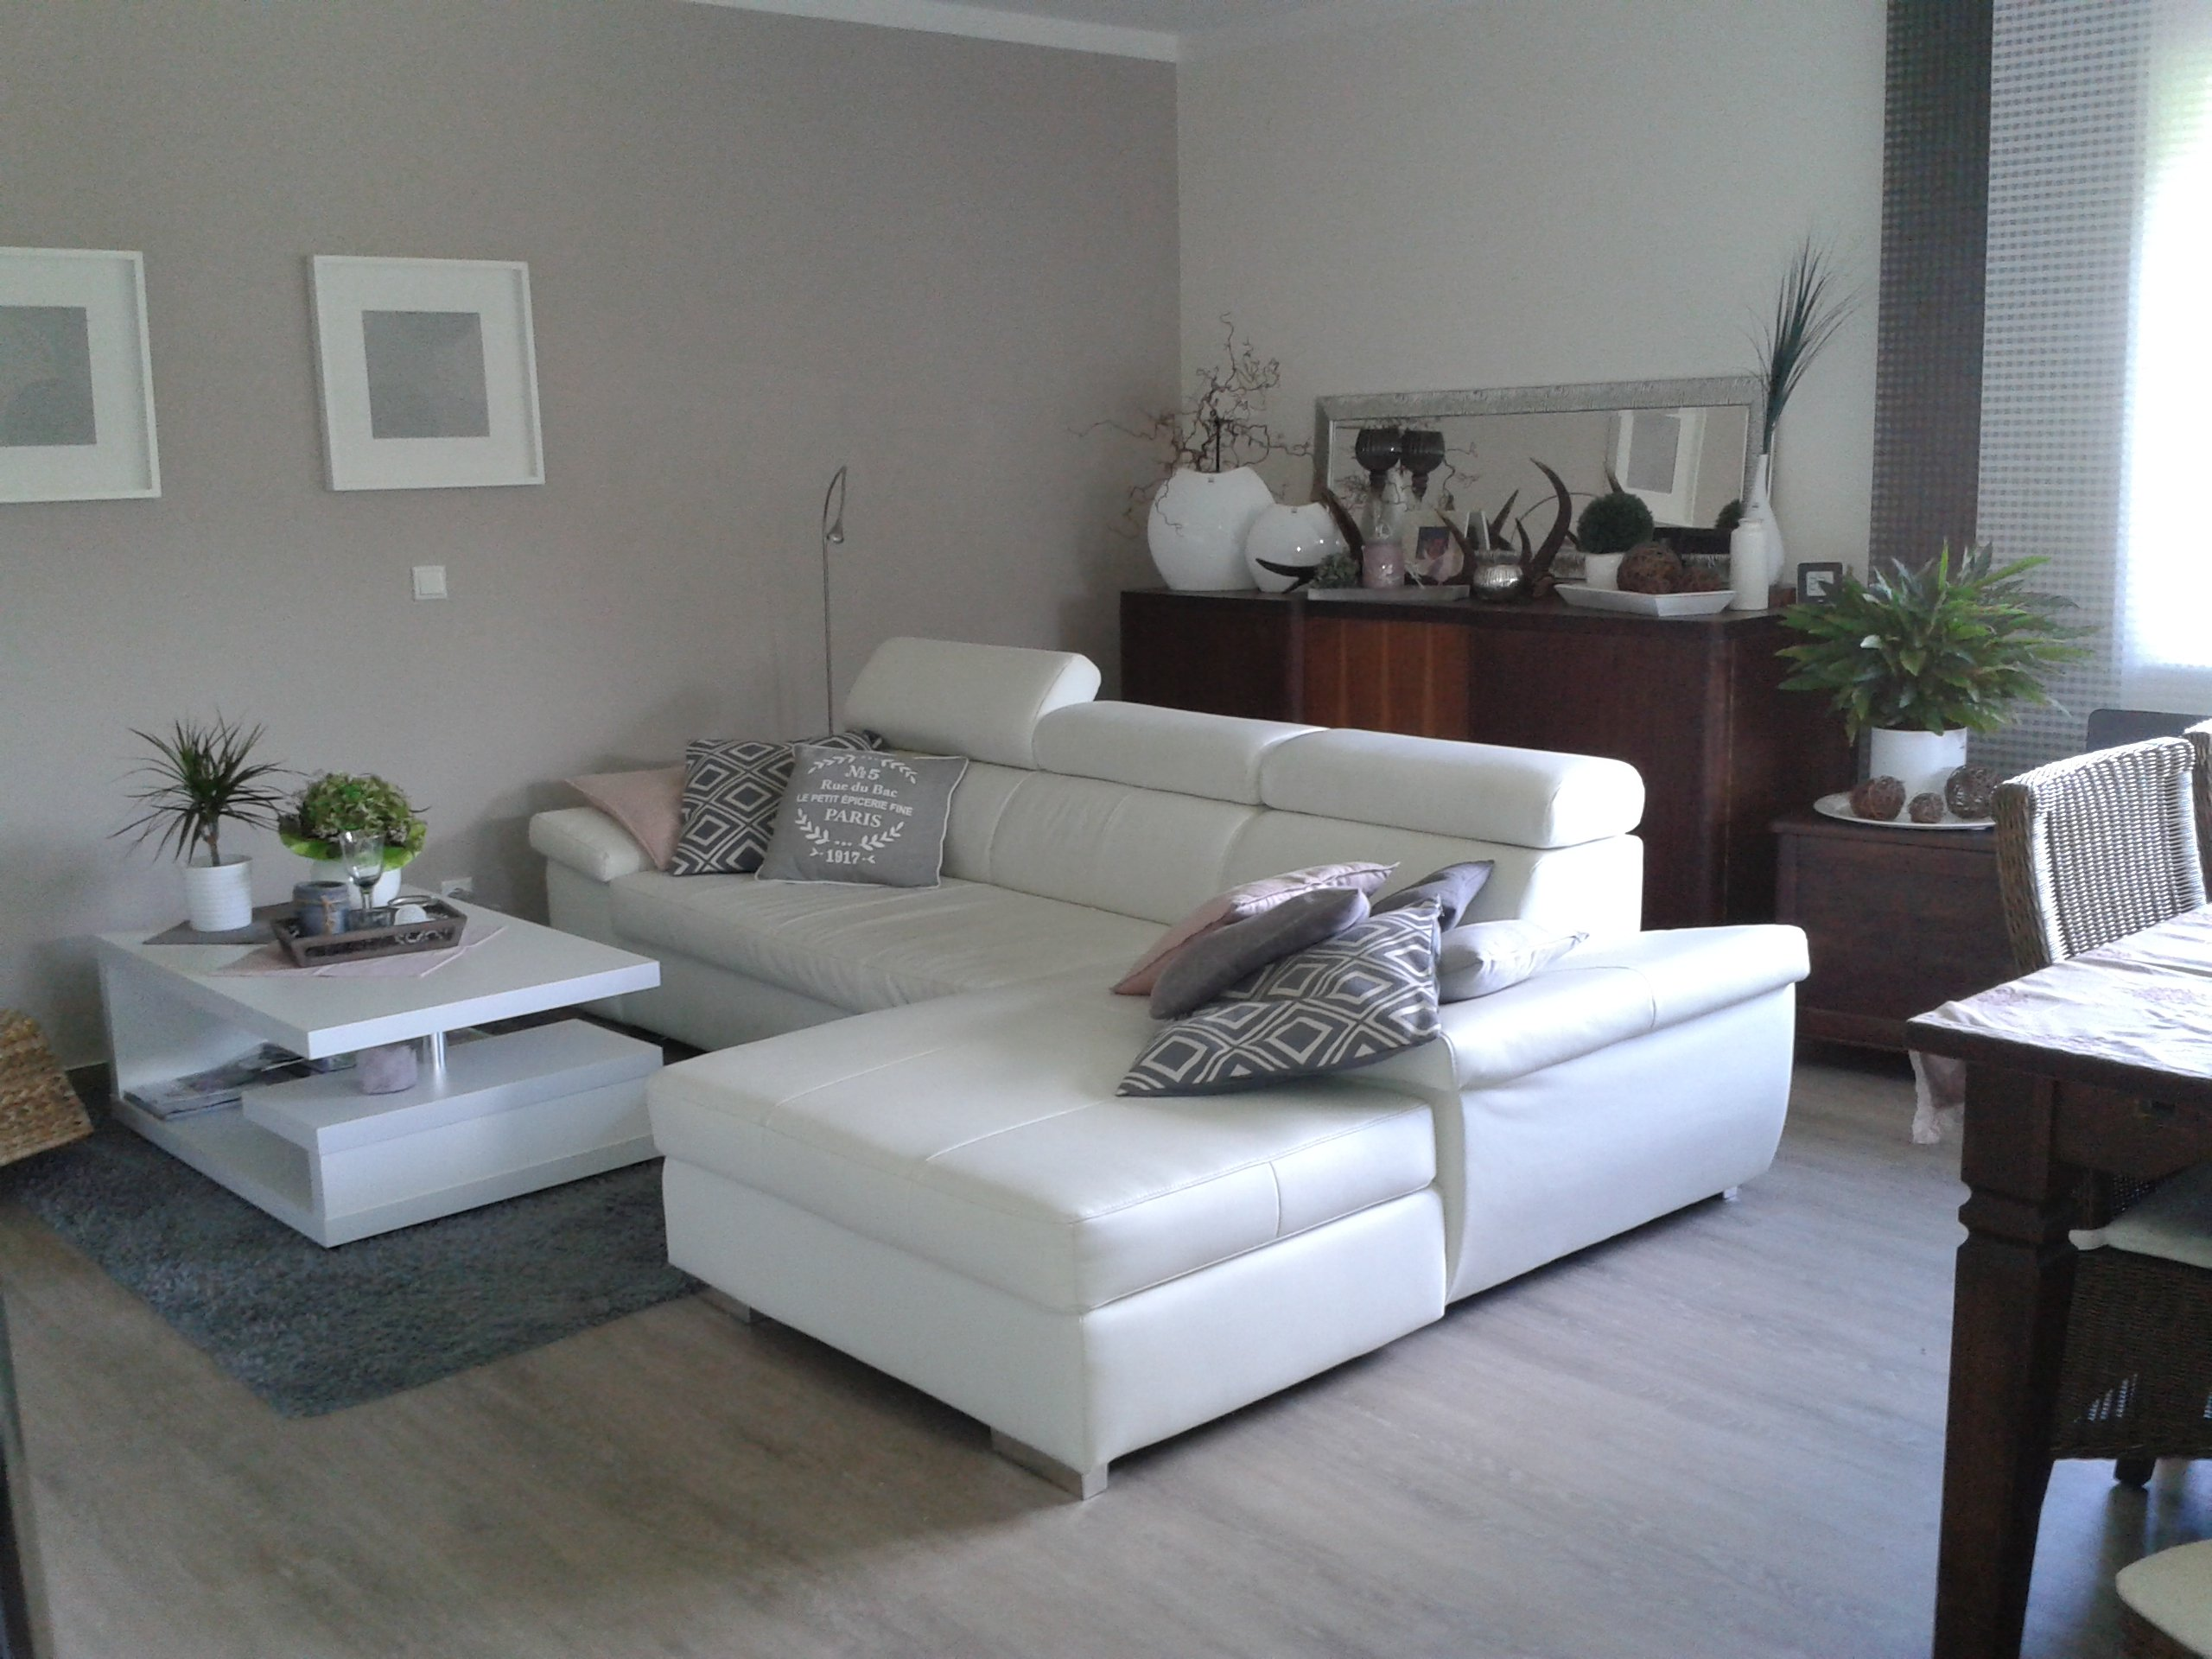 wohnzimmer 39 wohn und esszimmer 39 mein domizil zimmerschau. Black Bedroom Furniture Sets. Home Design Ideas